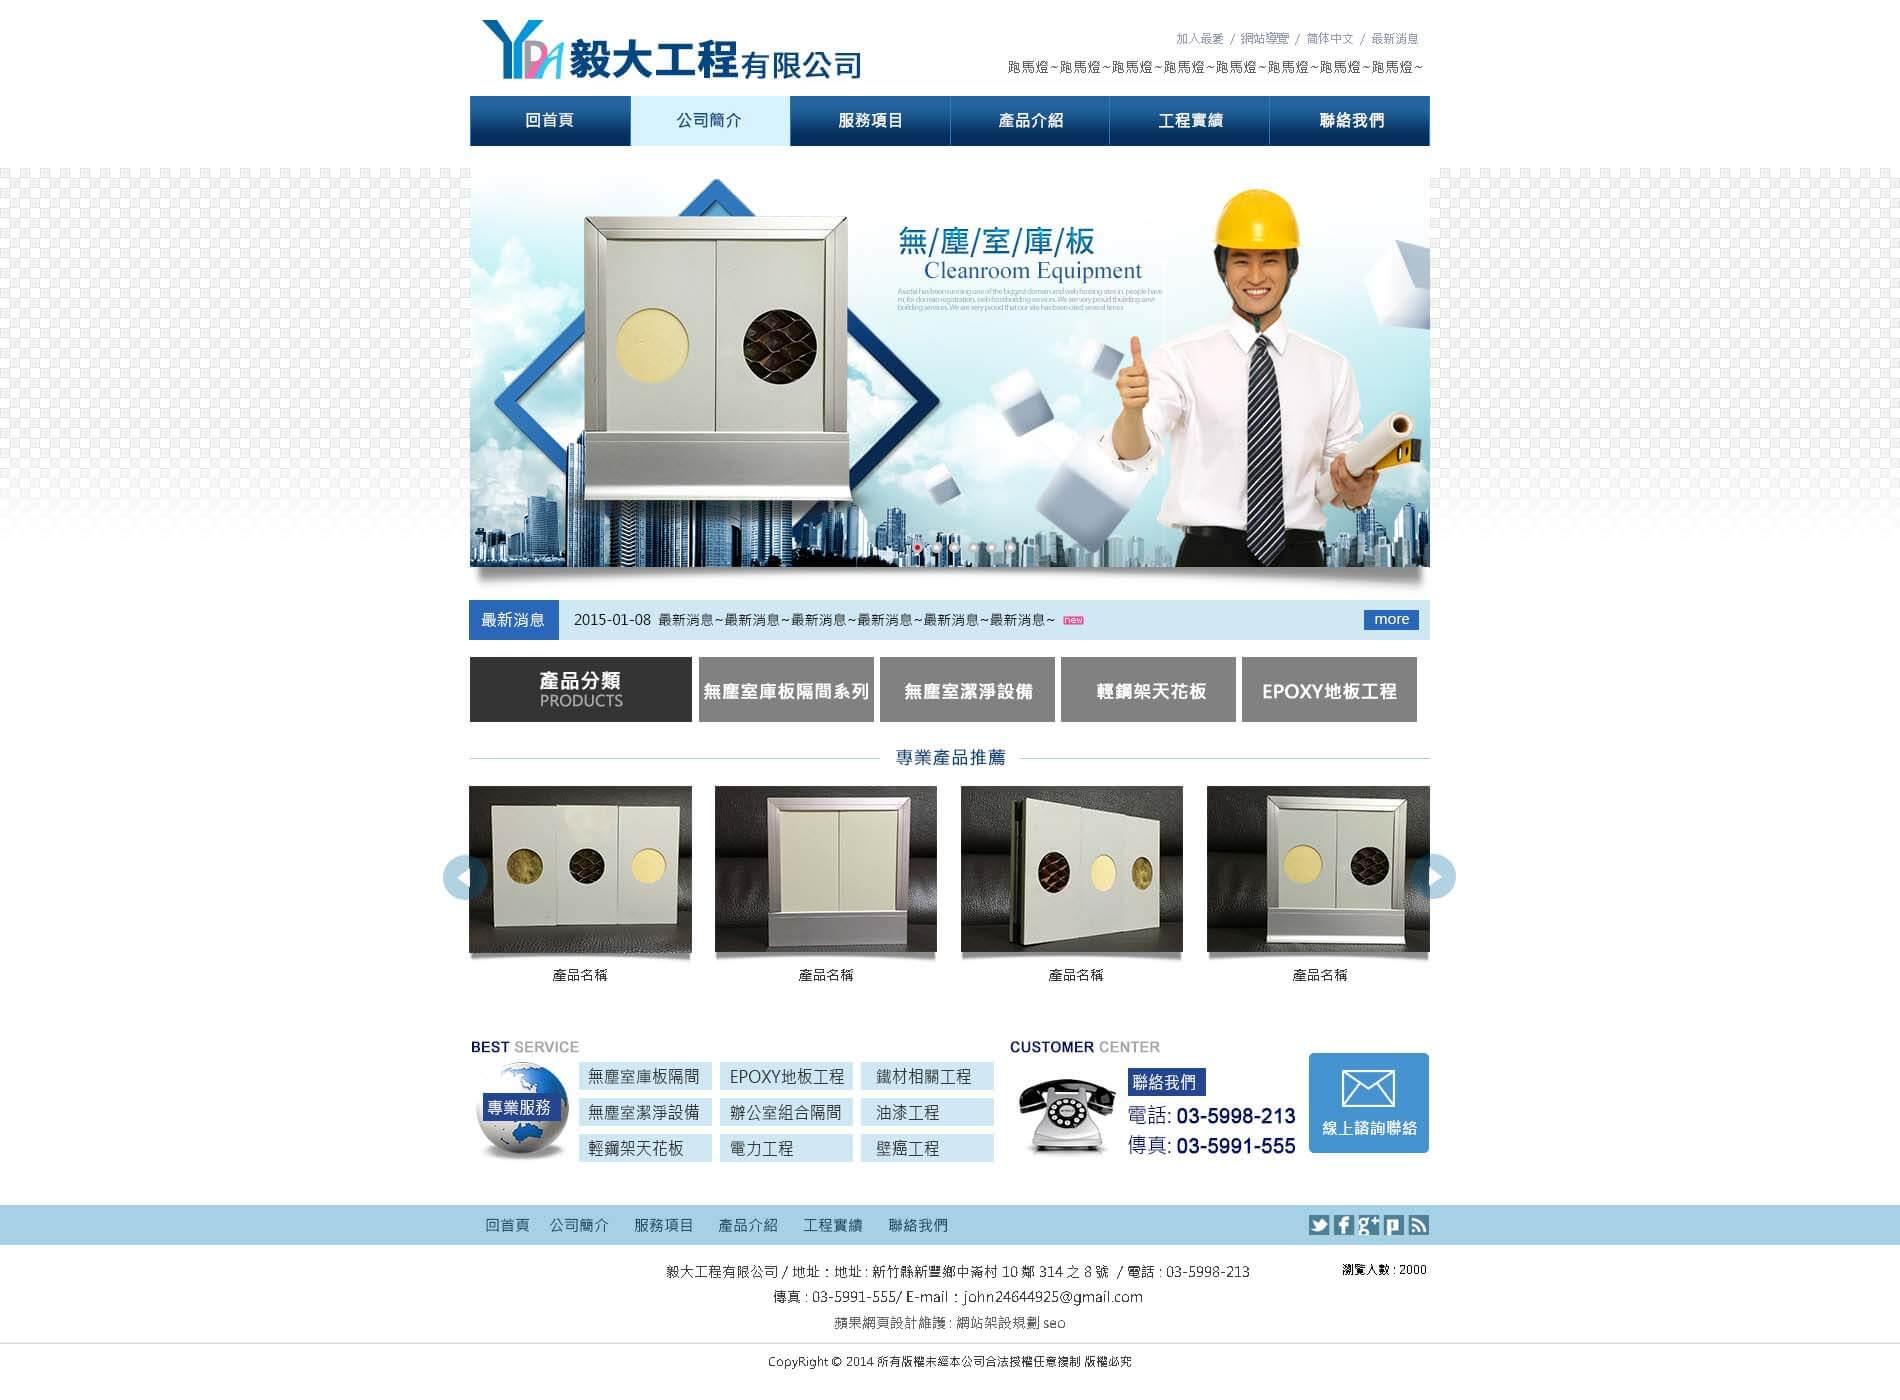 毅大工程網頁設計